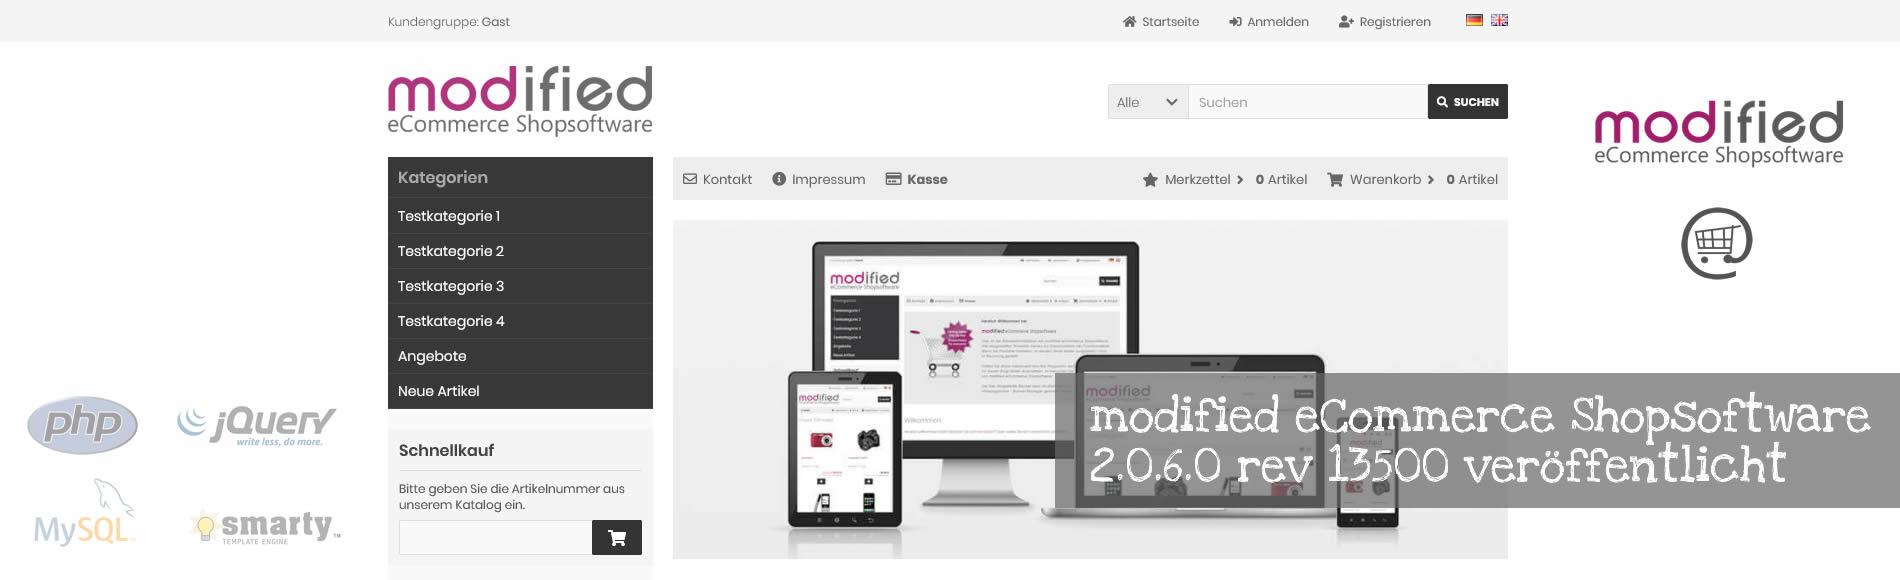 Die modified eCommerce Shopsoftware Verion 2.0.6.0 rev 13500 wurde am 01.04.2021 veröffentlicht